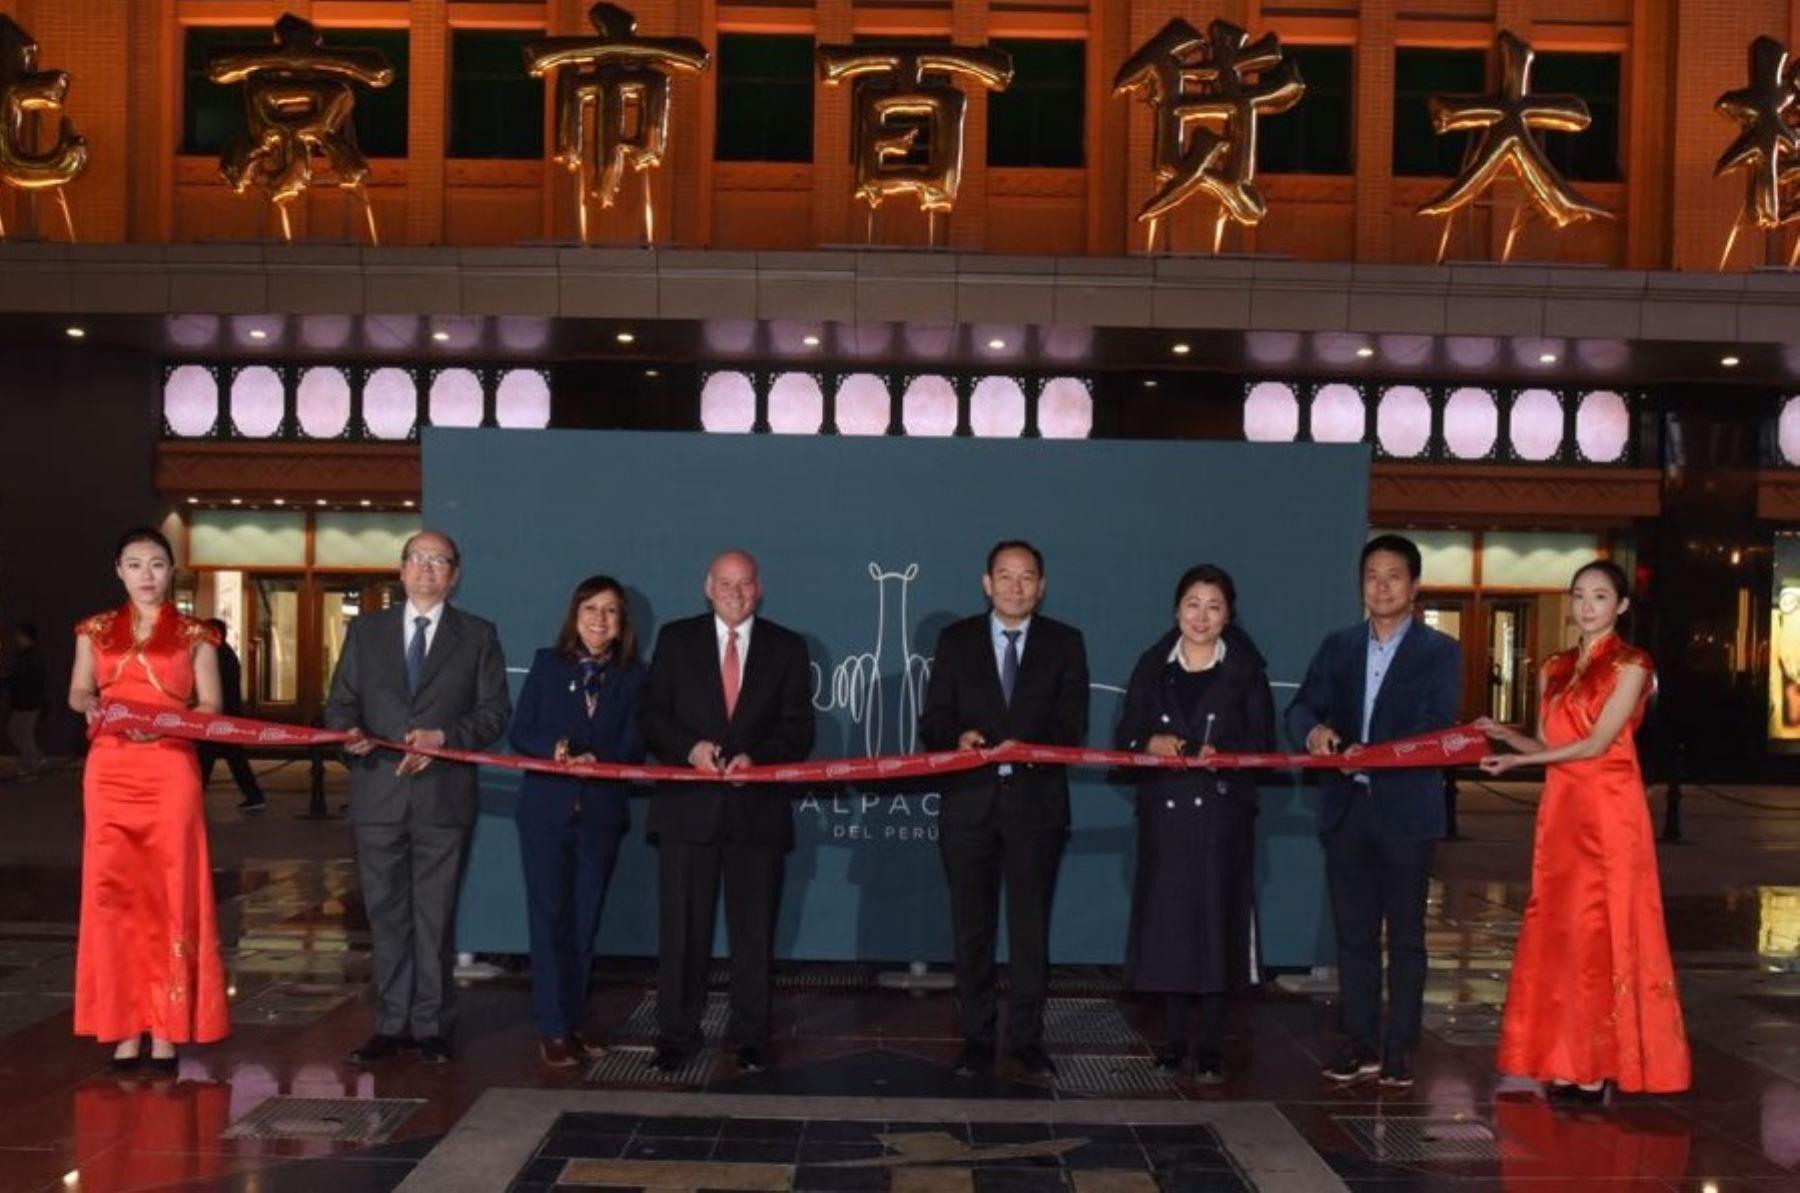 Ministro Eduardo Ferreyros inaugura primera tienda de productos de alpaca en China. Foto: Cortesía.